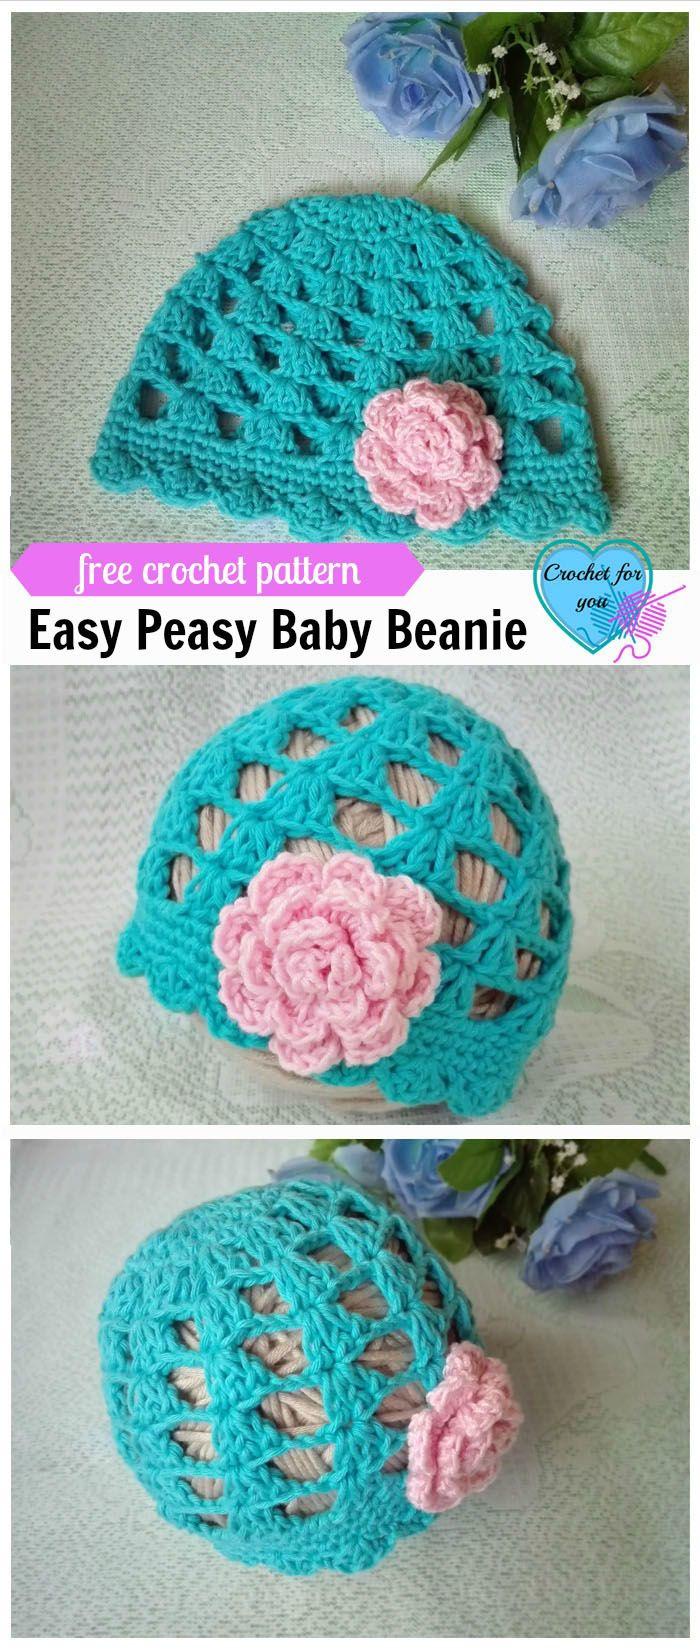 Pin de Maria Sandoval en crochet 《hats》 | Pinterest